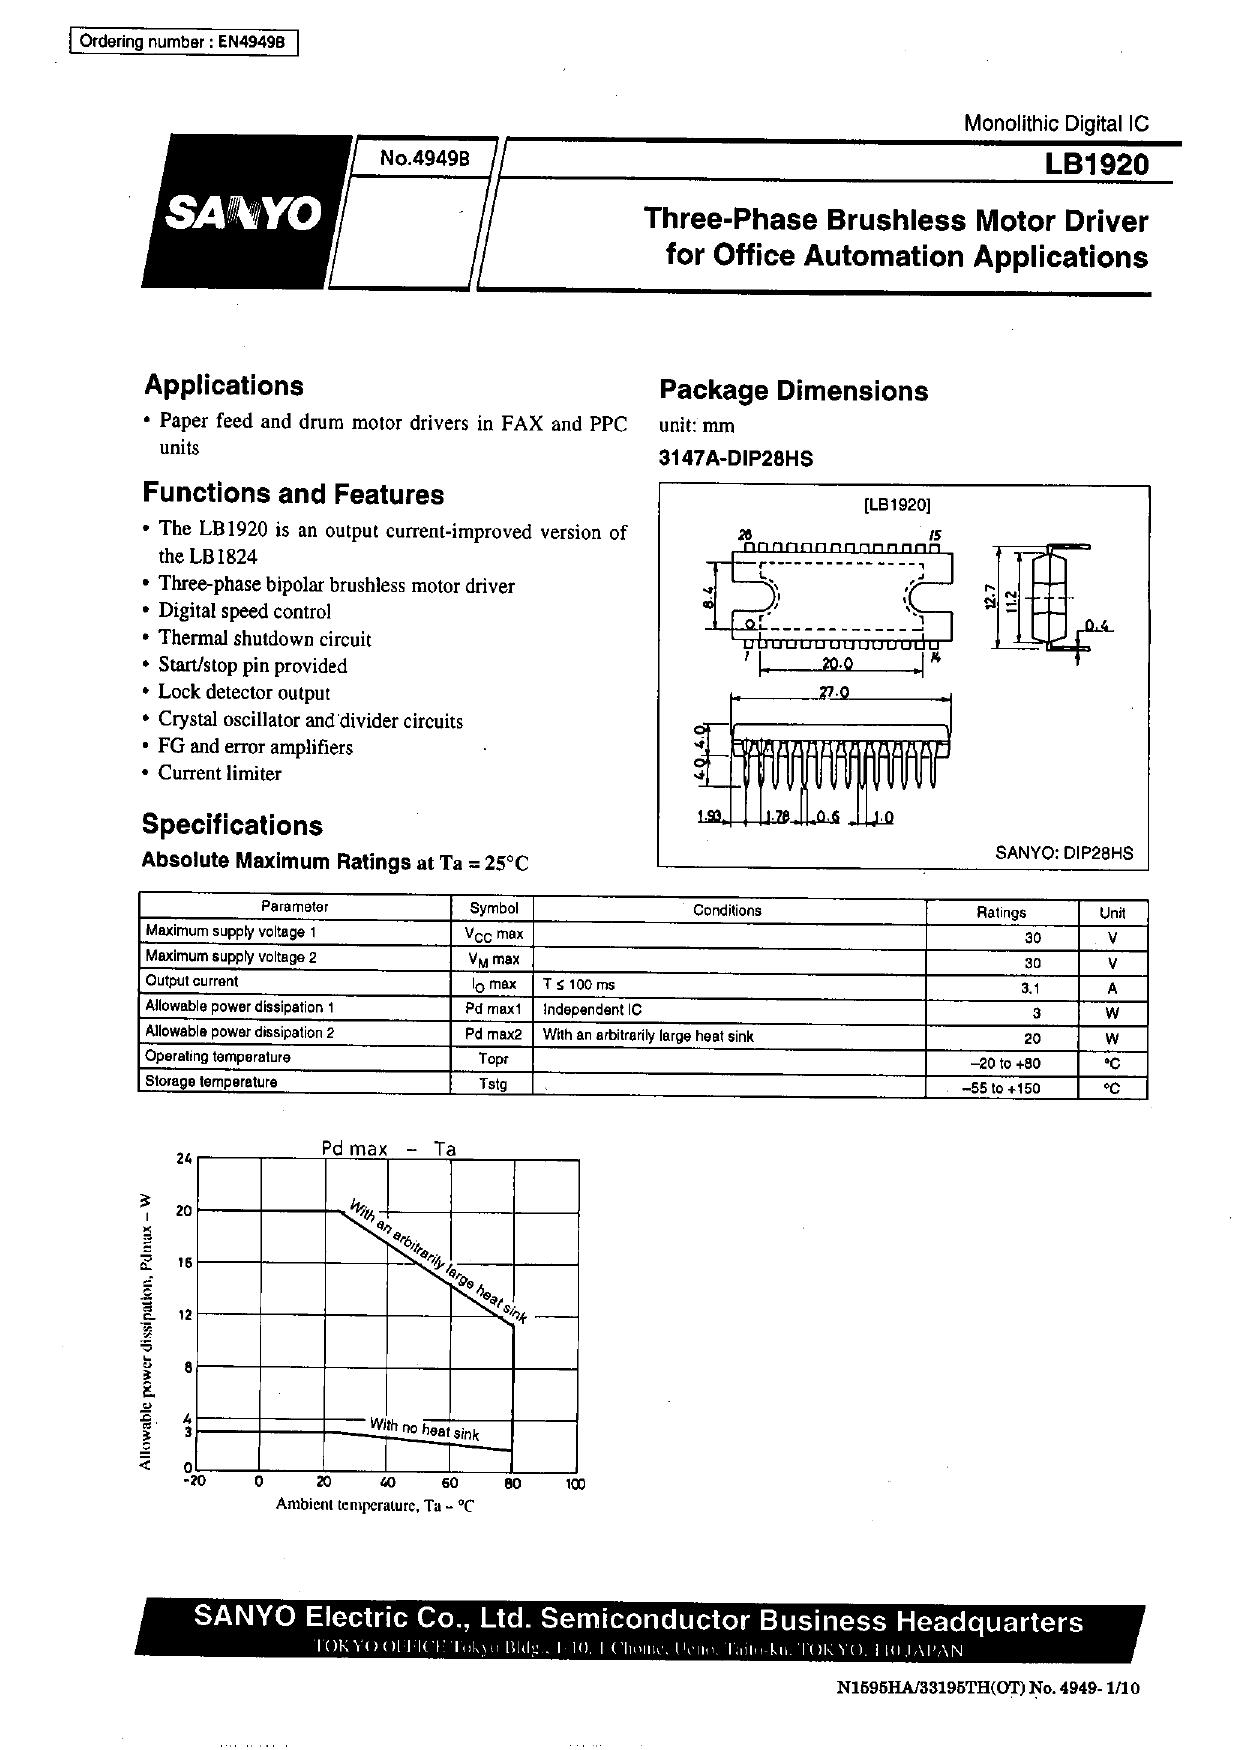 LB1920 datasheet